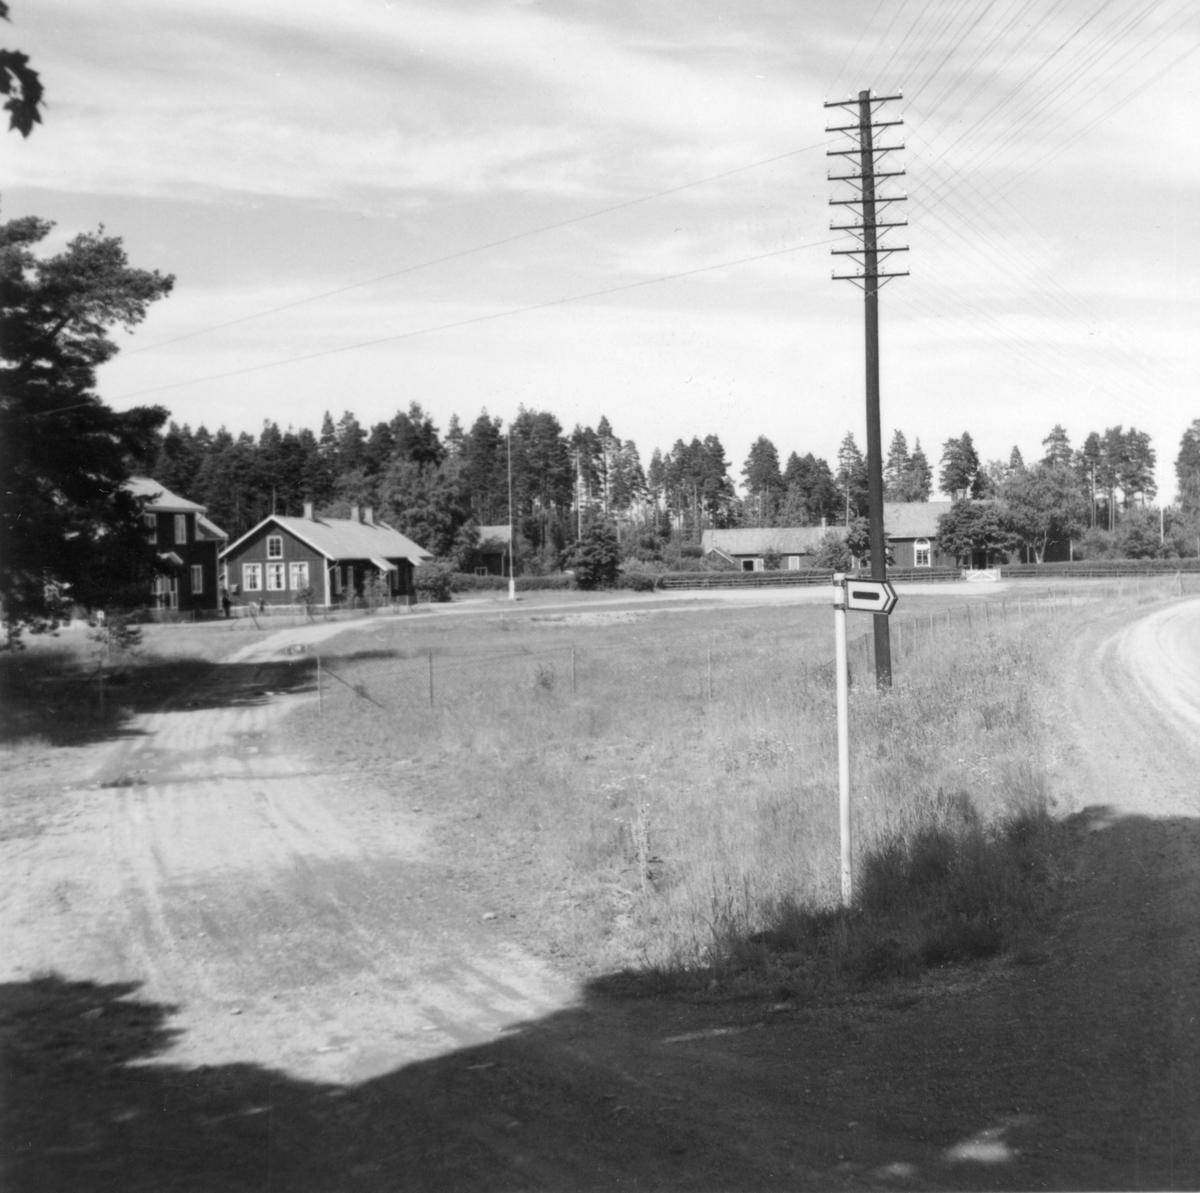 Någonstans i Värmland - från slutet av 1950-talet: Visnum, Nybble skola.